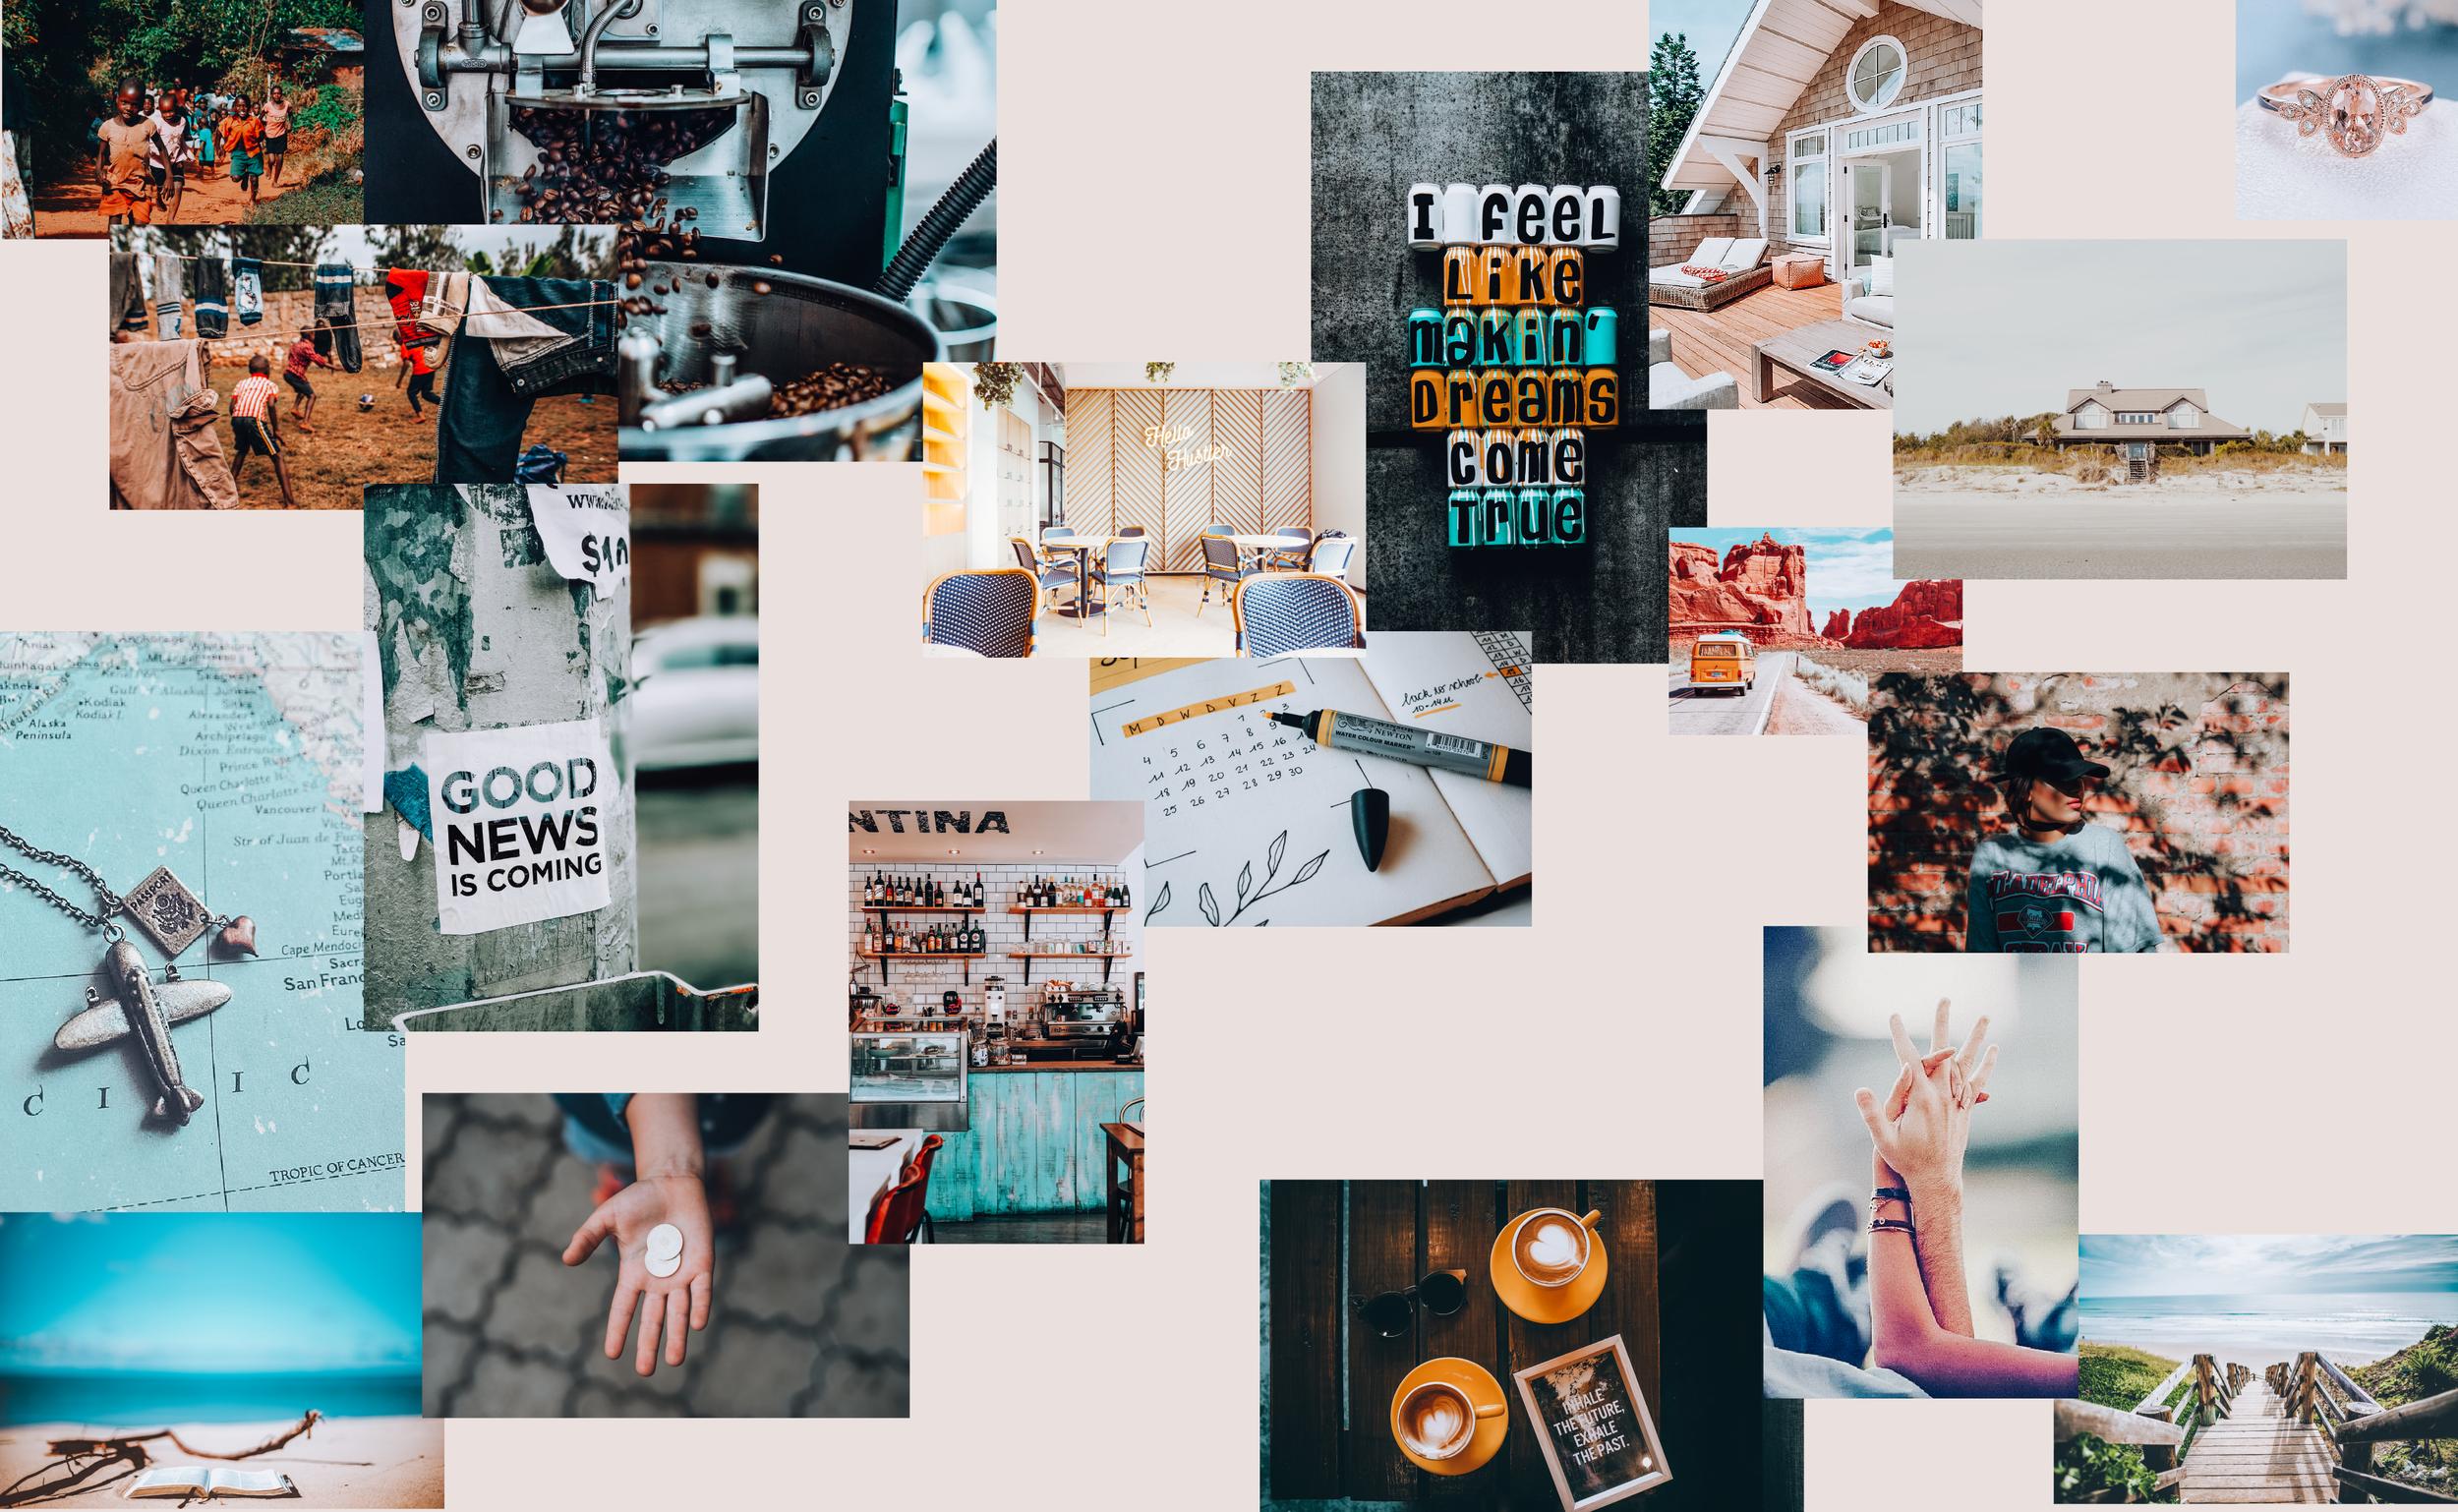 2019 Vision Board - LJ Media House